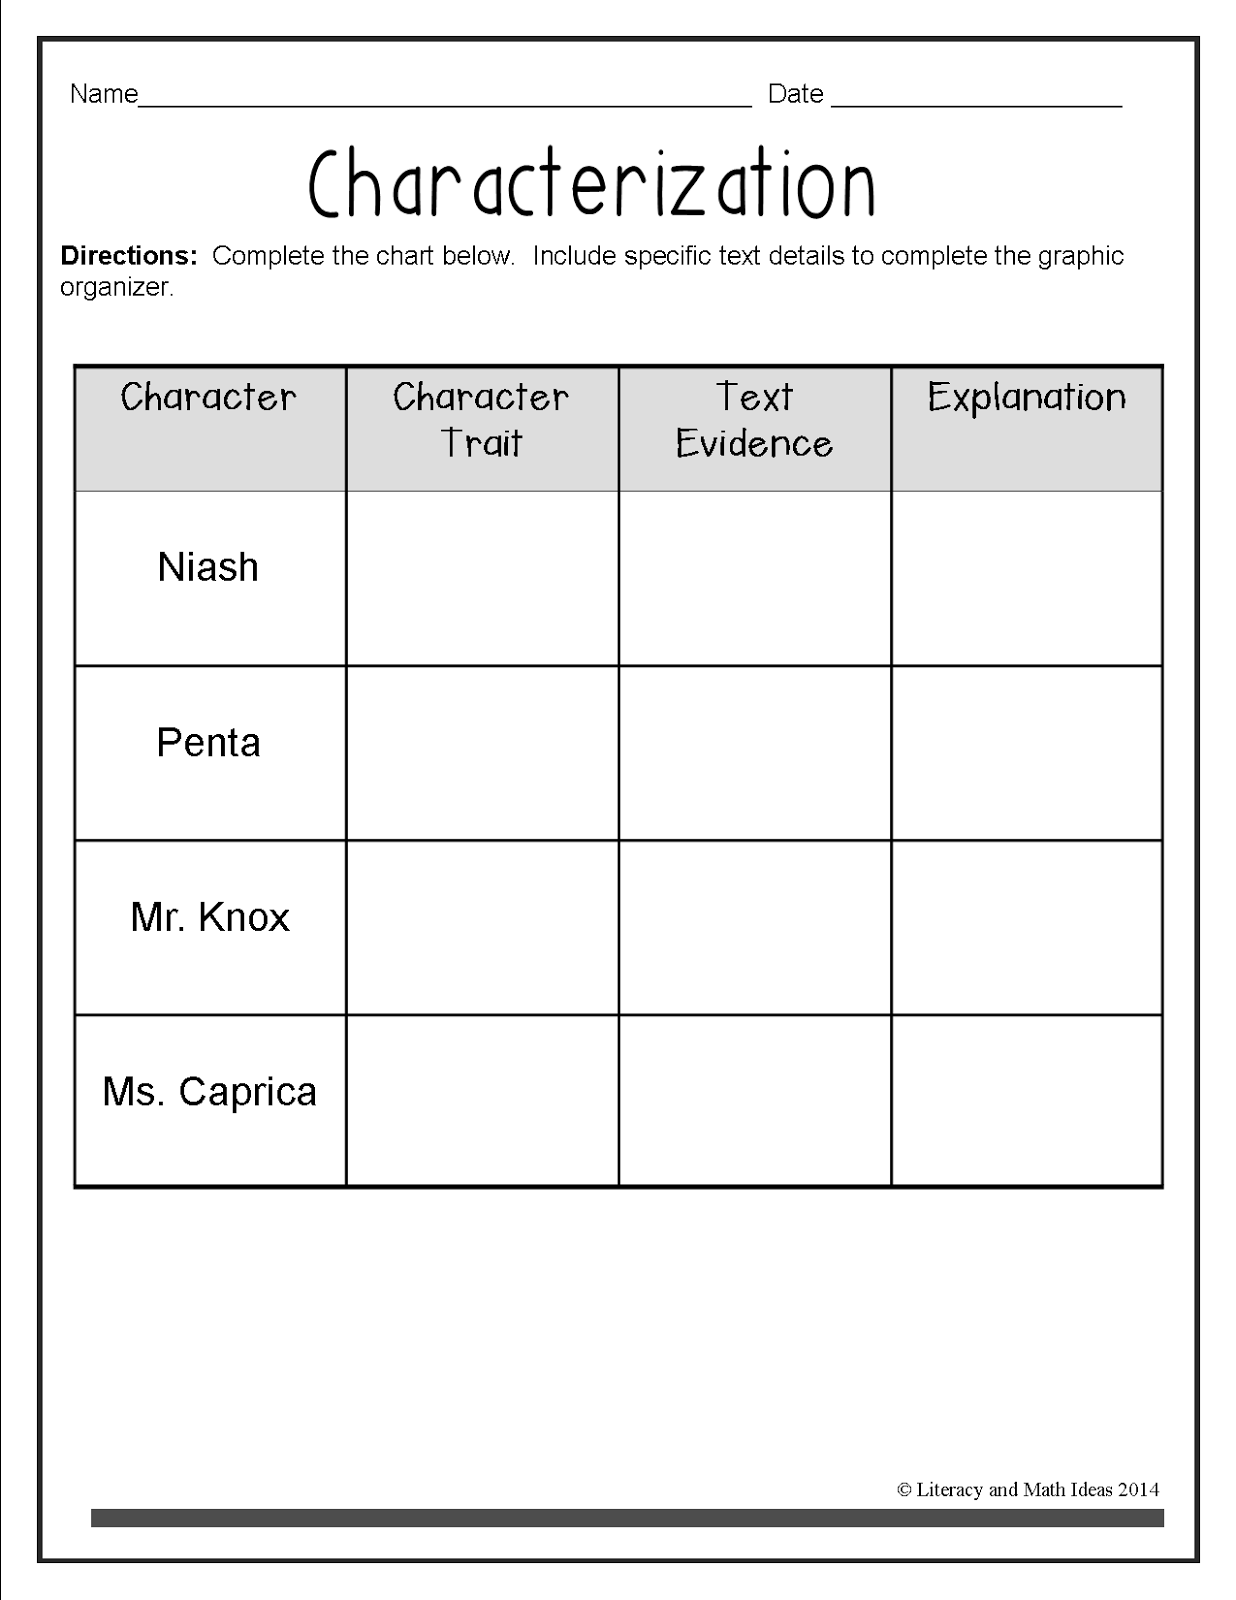 worksheet Reading Comprehension Worksheets High School character worksheets for high school story science reading comprehension free worksheets